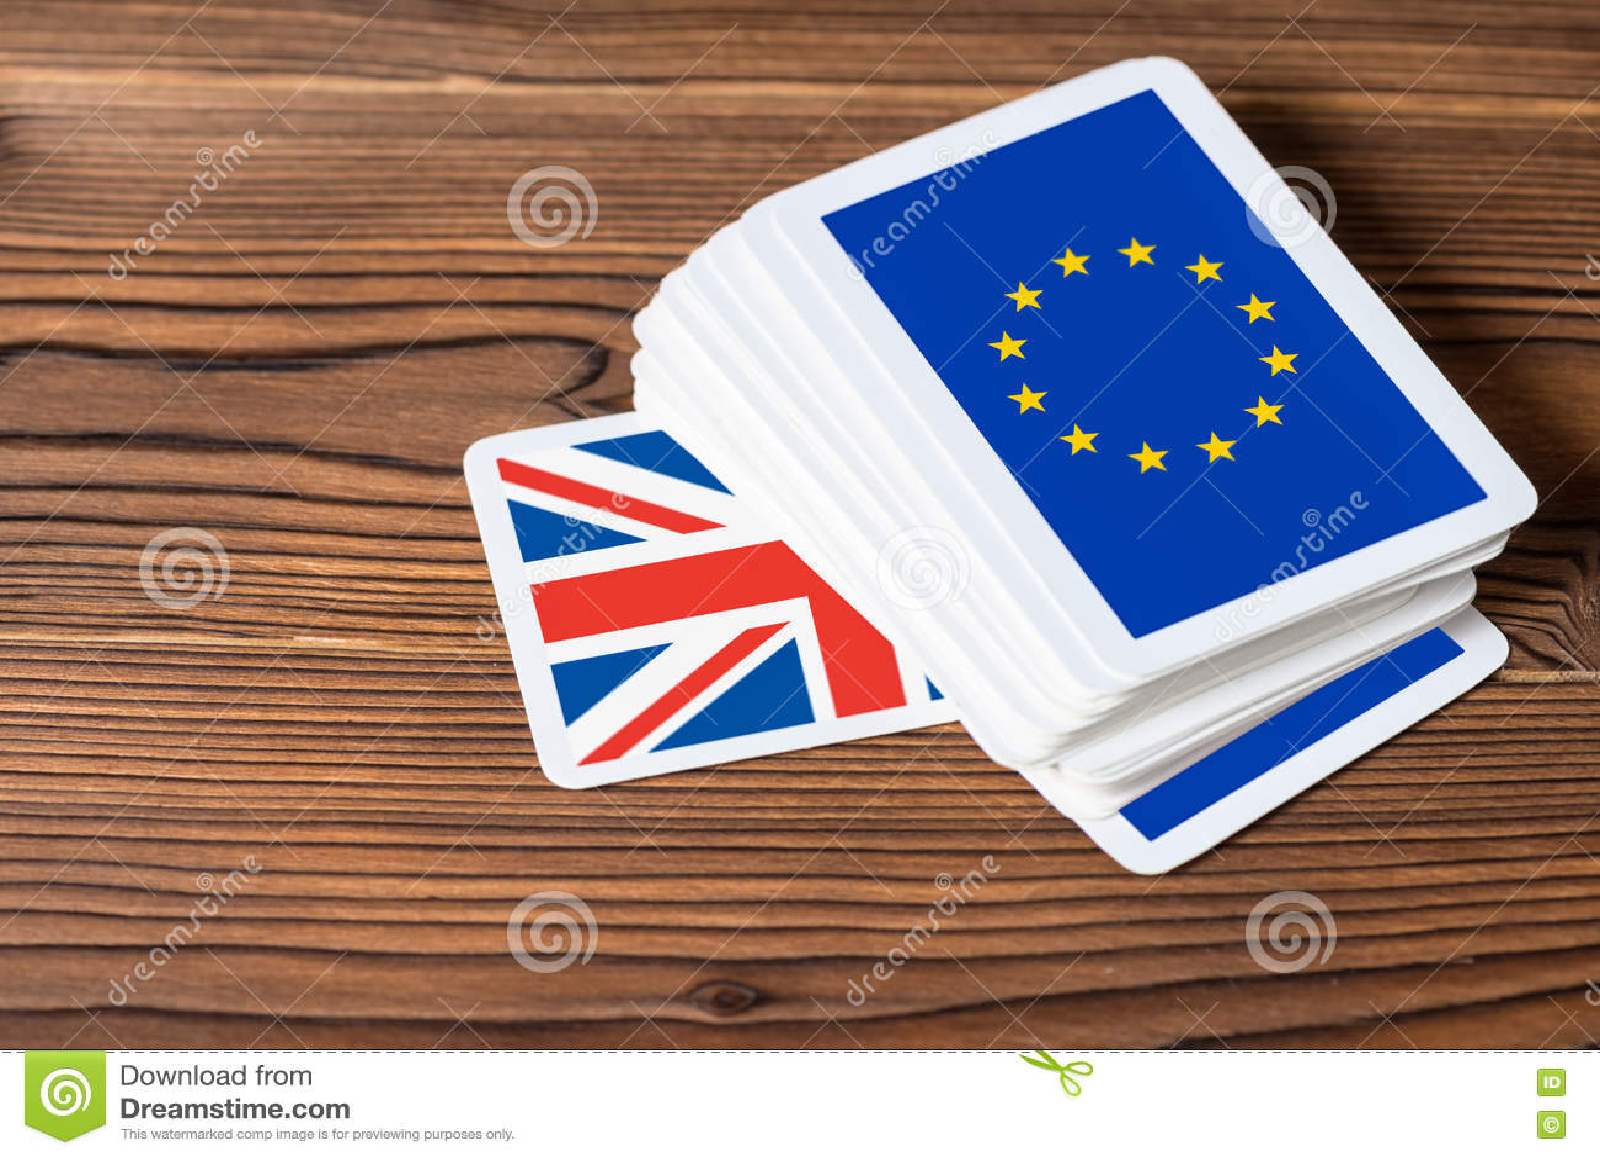 在嘘打牌的事件Brexit英国欧盟公民投票概念的拼贴画